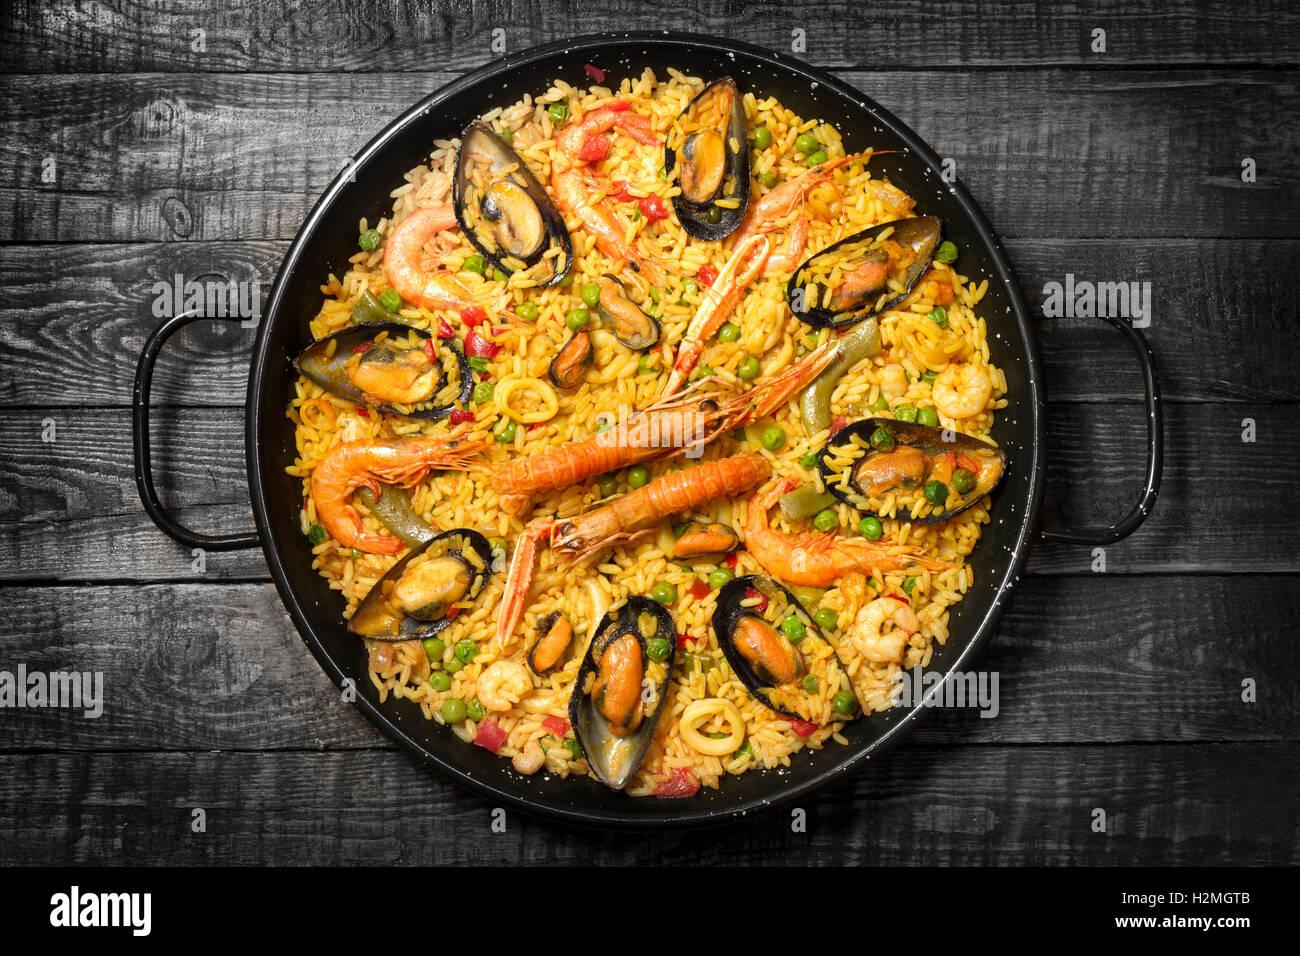 Spanish paella on a dark wooden table Stock Photo